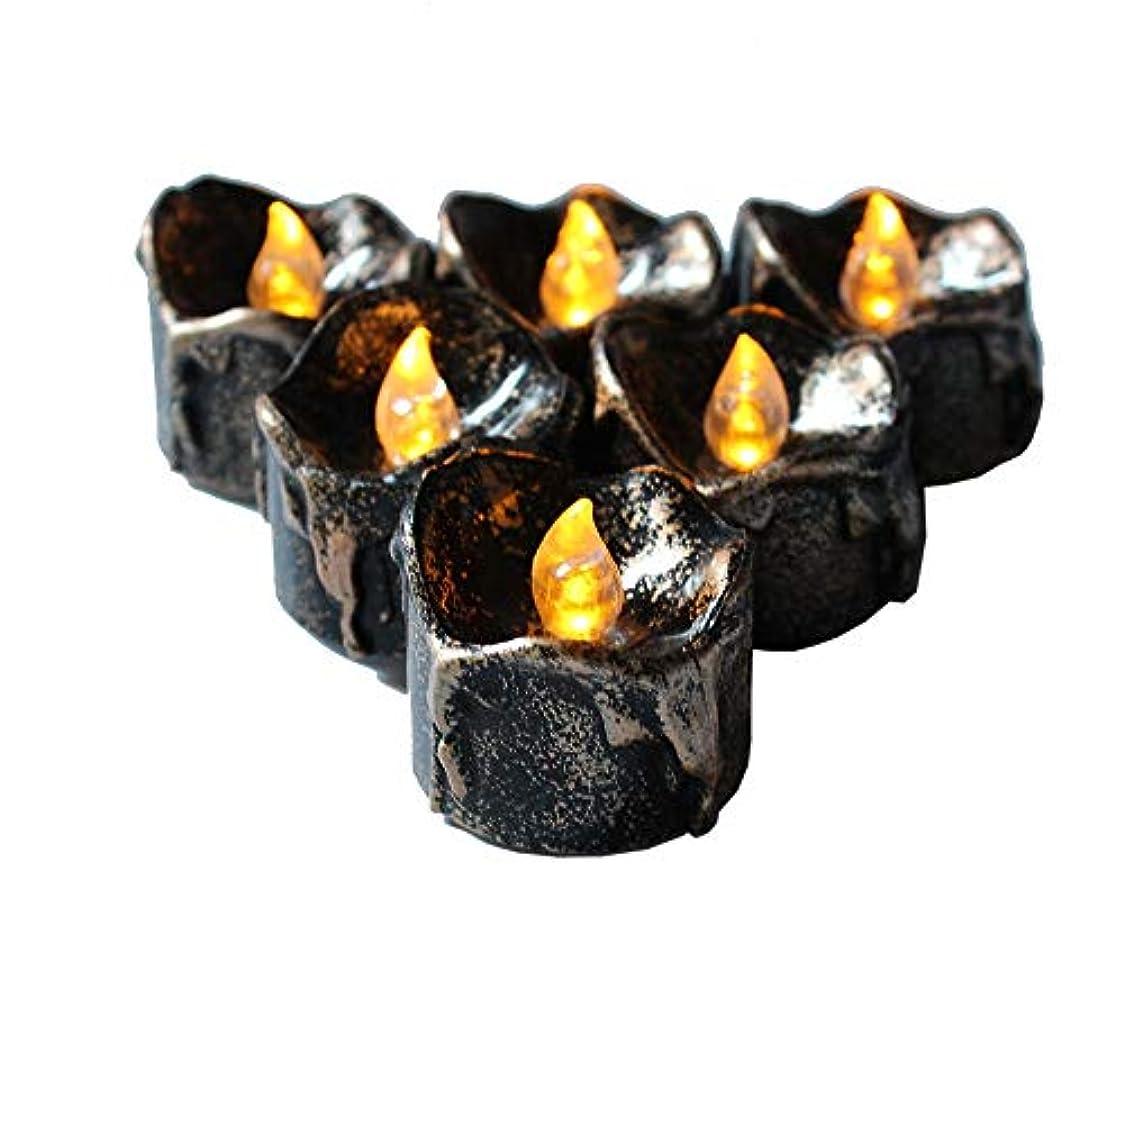 鳥芸術ピースキャンドルライト ハロウィン12パックLED電子黒蝋燭は、電子キャンドルライトクリスマス装飾を導いた クリスマス 結婚式 誕生日 室内 室外飾り インテリアライト